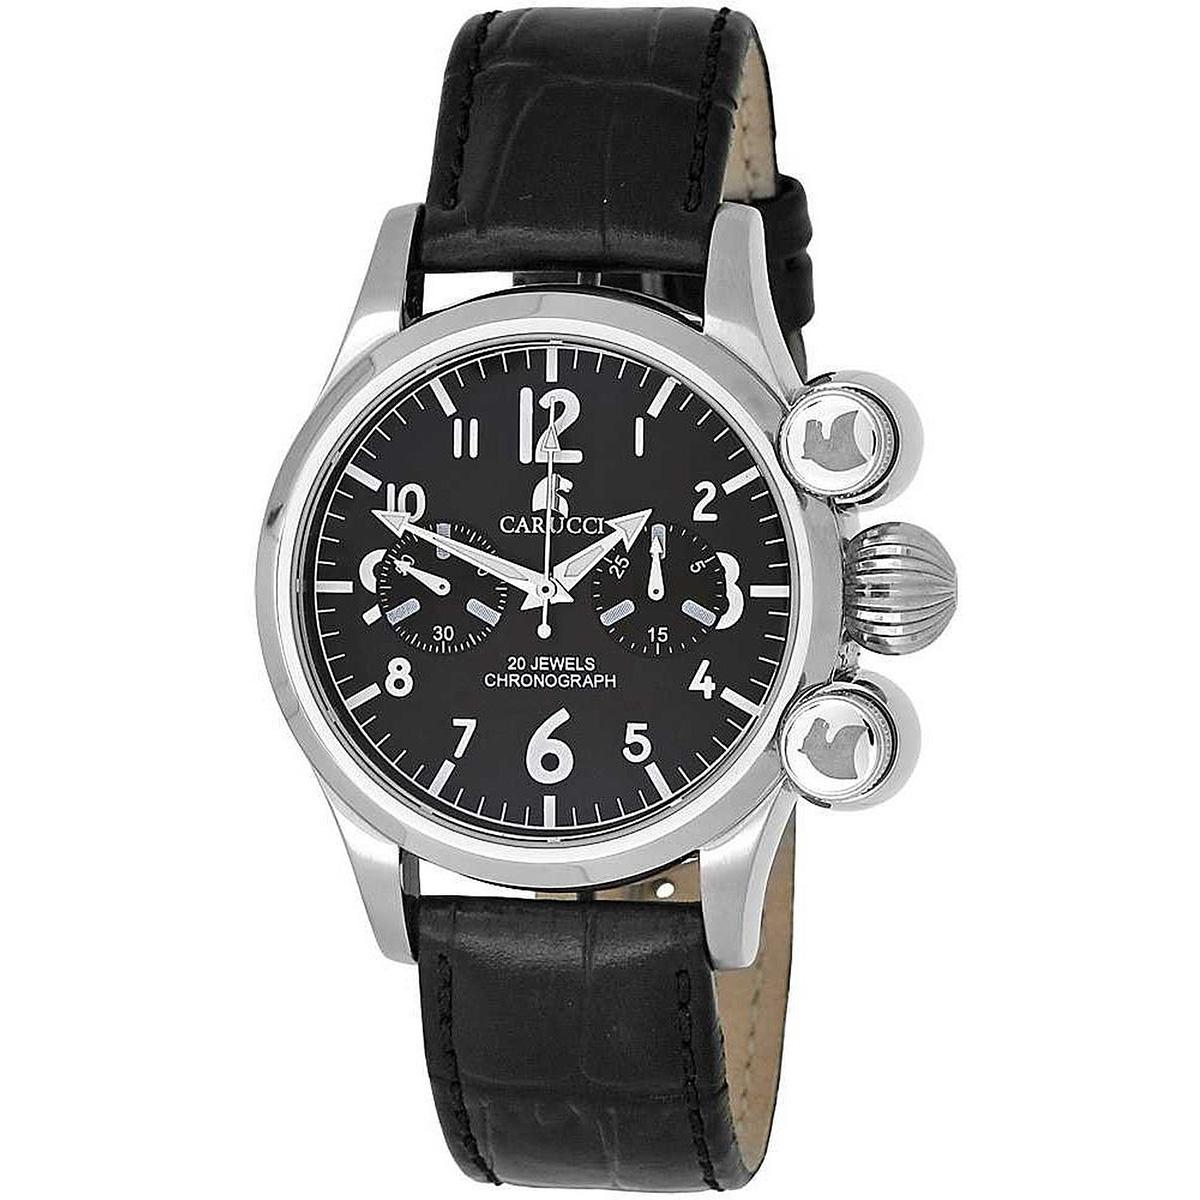 【残り1点】Carucci カルッチ 自動巻き 腕時計 メンズ [CA2148BK] 並行輸入品 メーカー国際保証24ヵ月 純正ケース付き